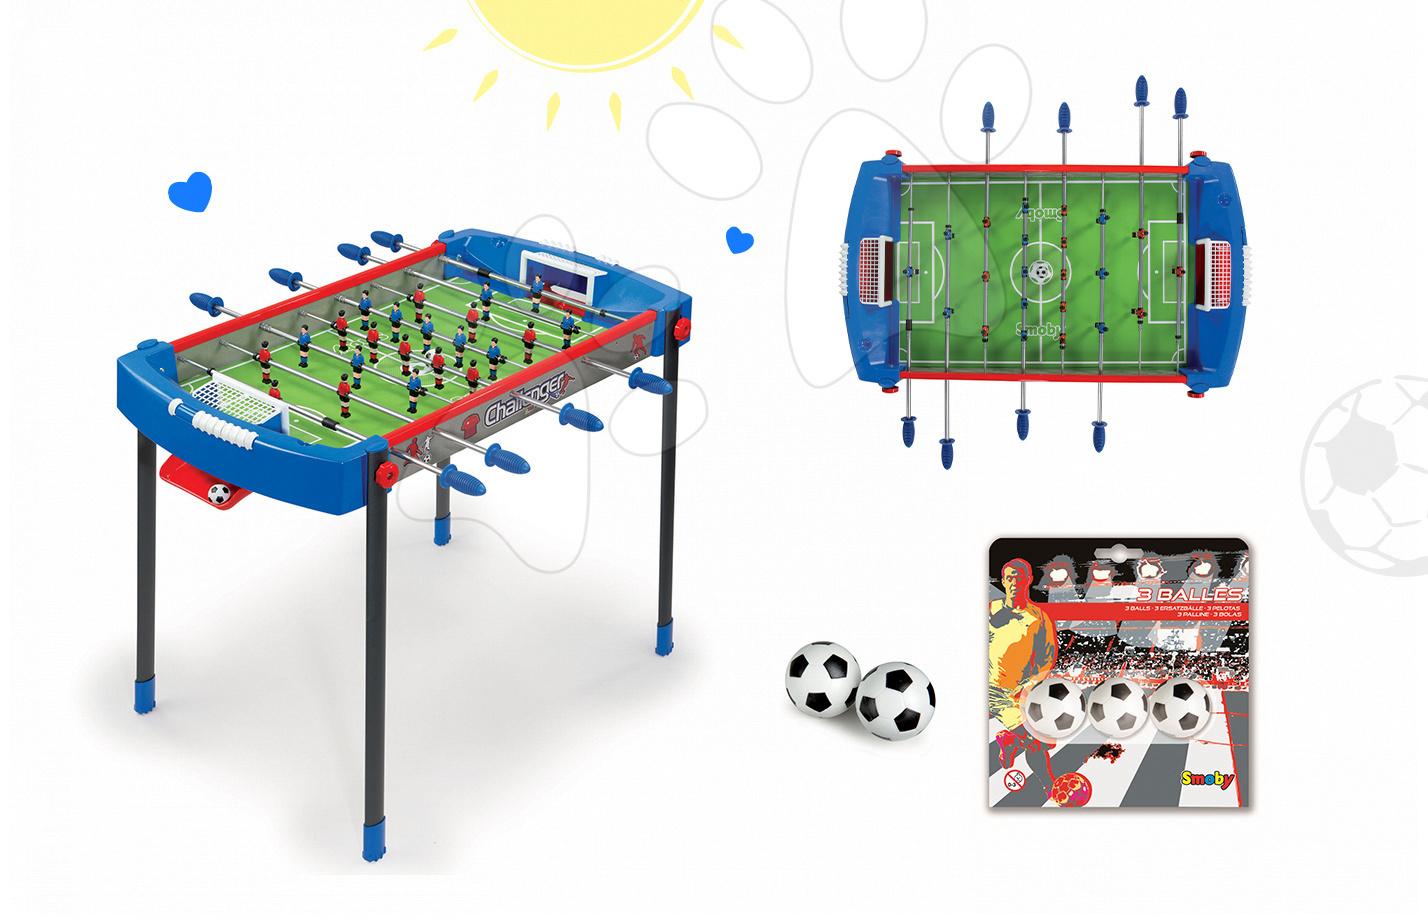 Stolný futbal - Set futbalový stôl Challenger Smoby a náhradné loptičky od 6 rokov